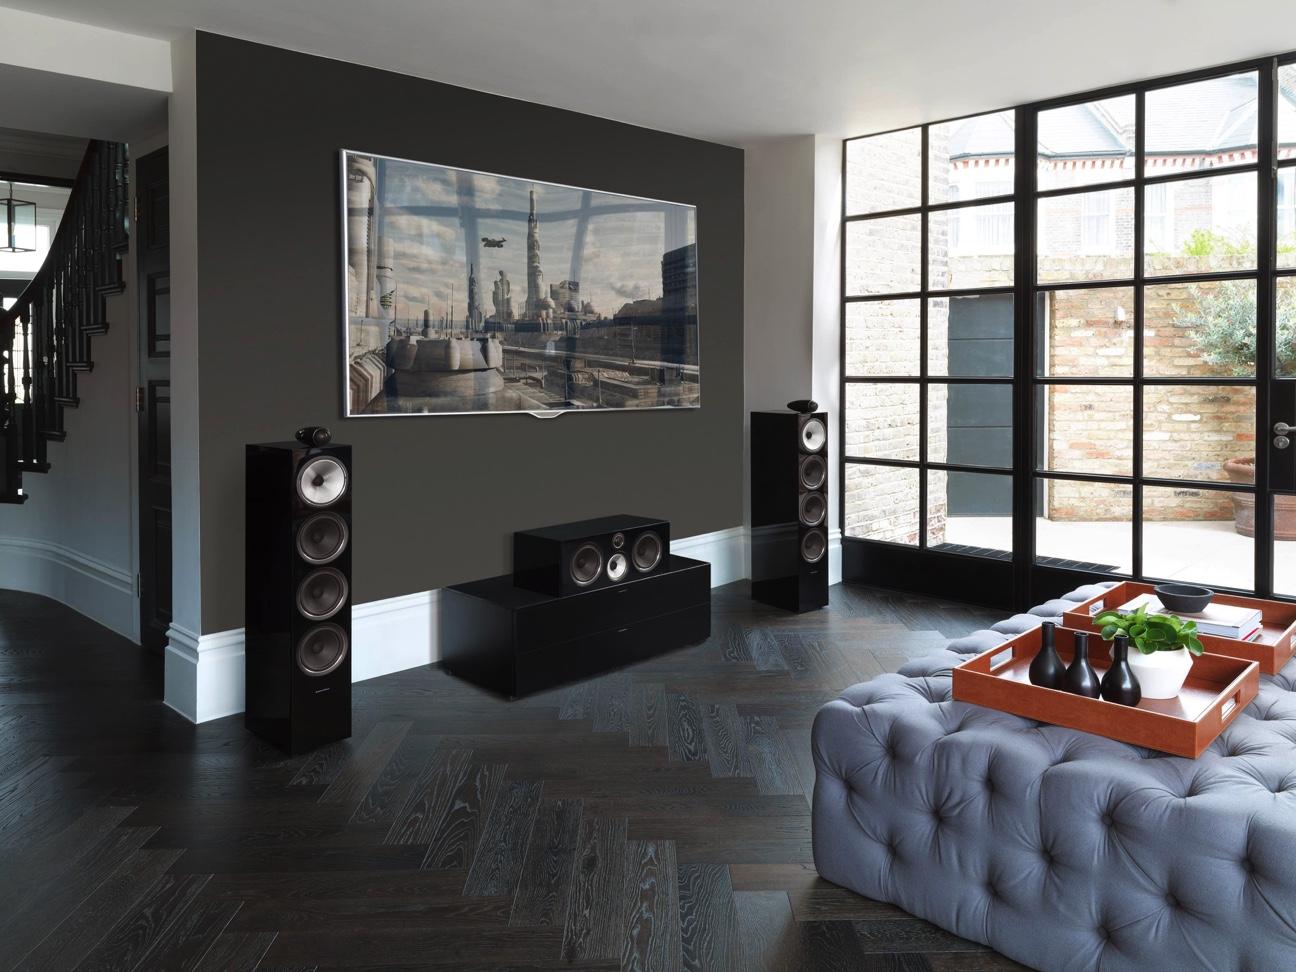 La serie 700 de Bowers & Wilkins, el sueño de los audiófilos